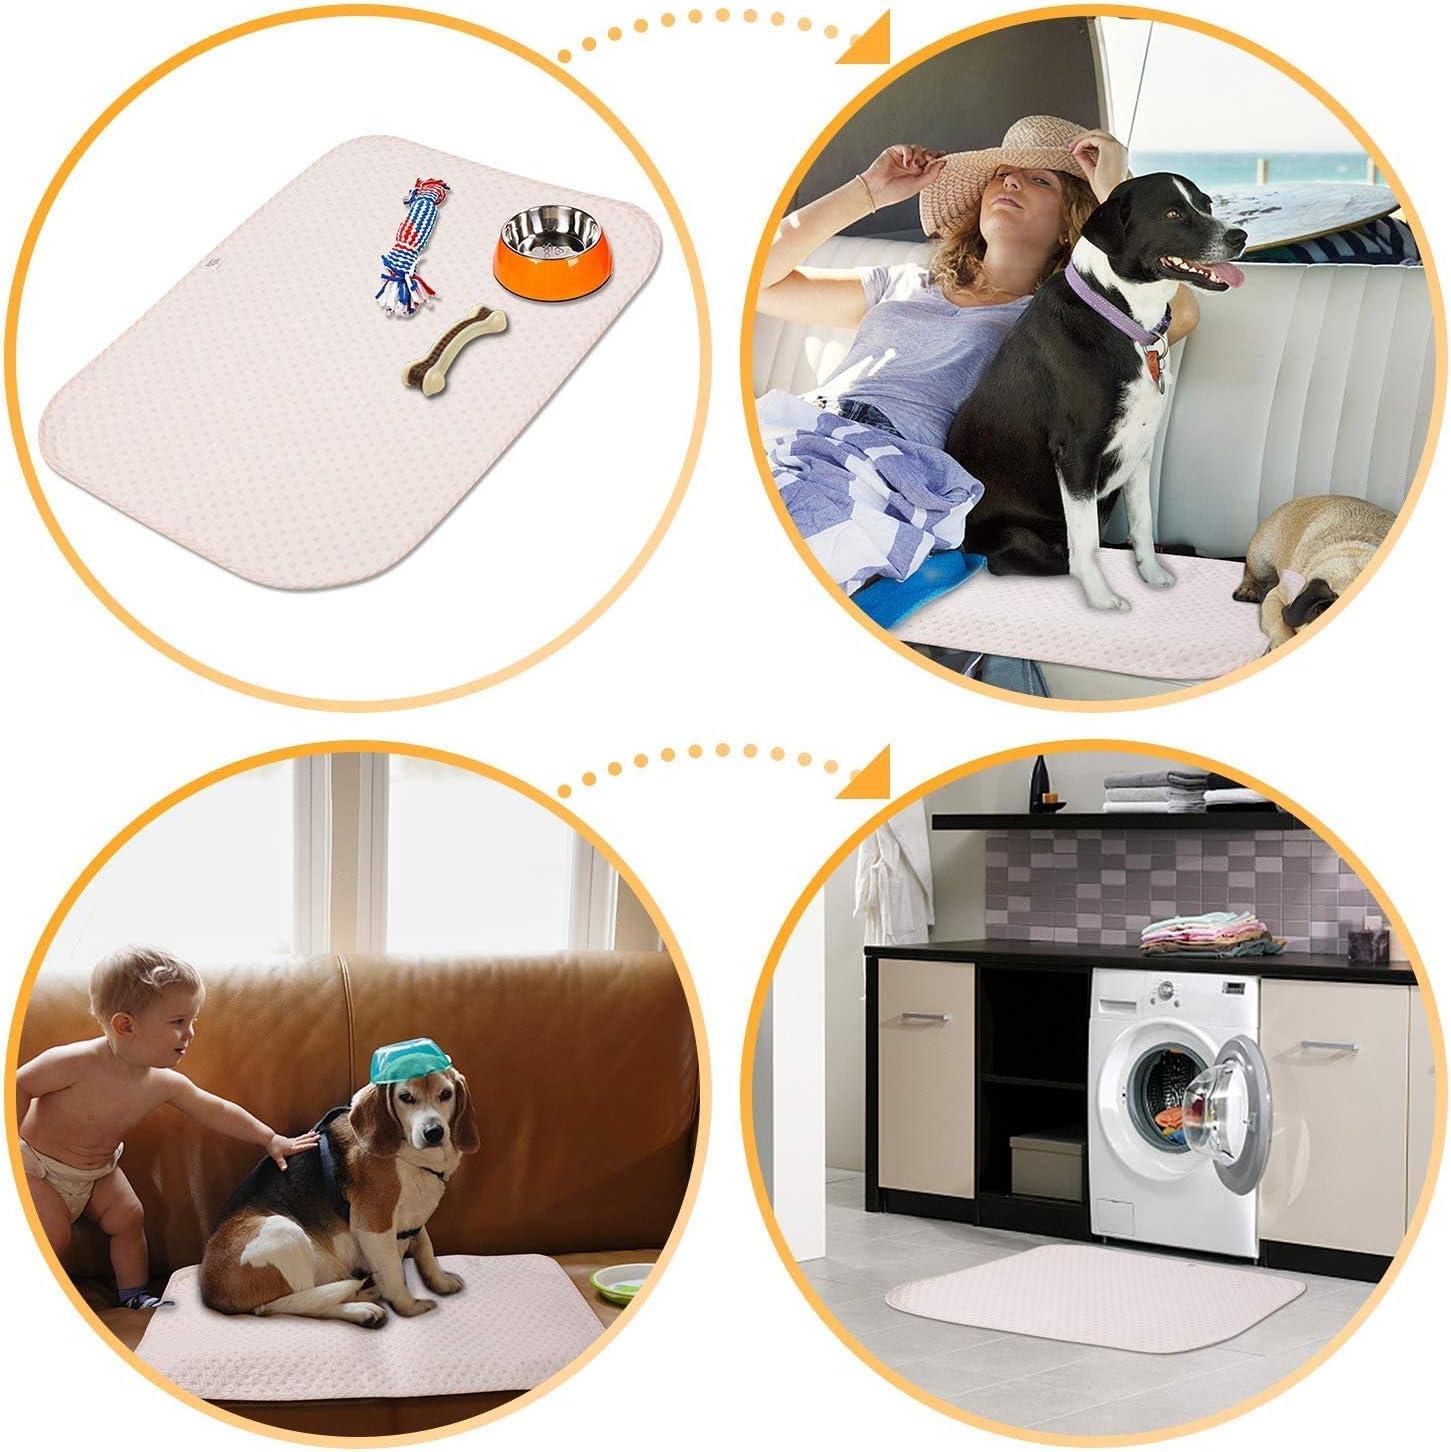 Yangbaga Trainingsunterlagen f/ür Hunde Waschbare Welpenunterlage Trainingspads f/ür die Sauberkeitserziehung Trainingsmatten Welpe